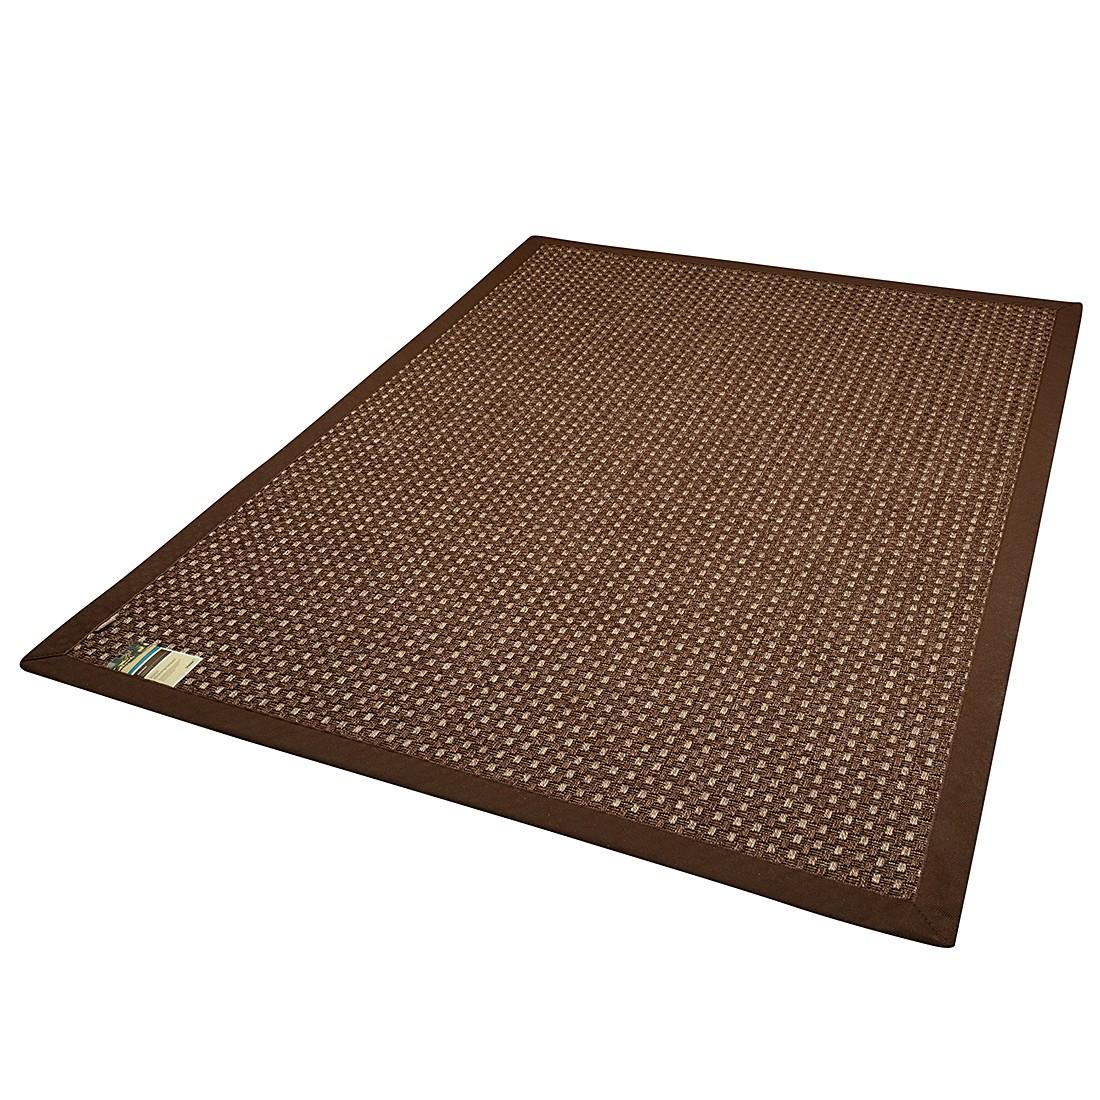 In-/Outdoorteppich Naturino Panama – Schokoladenbraun – 170 x 230 cm, DEKOWE kaufen